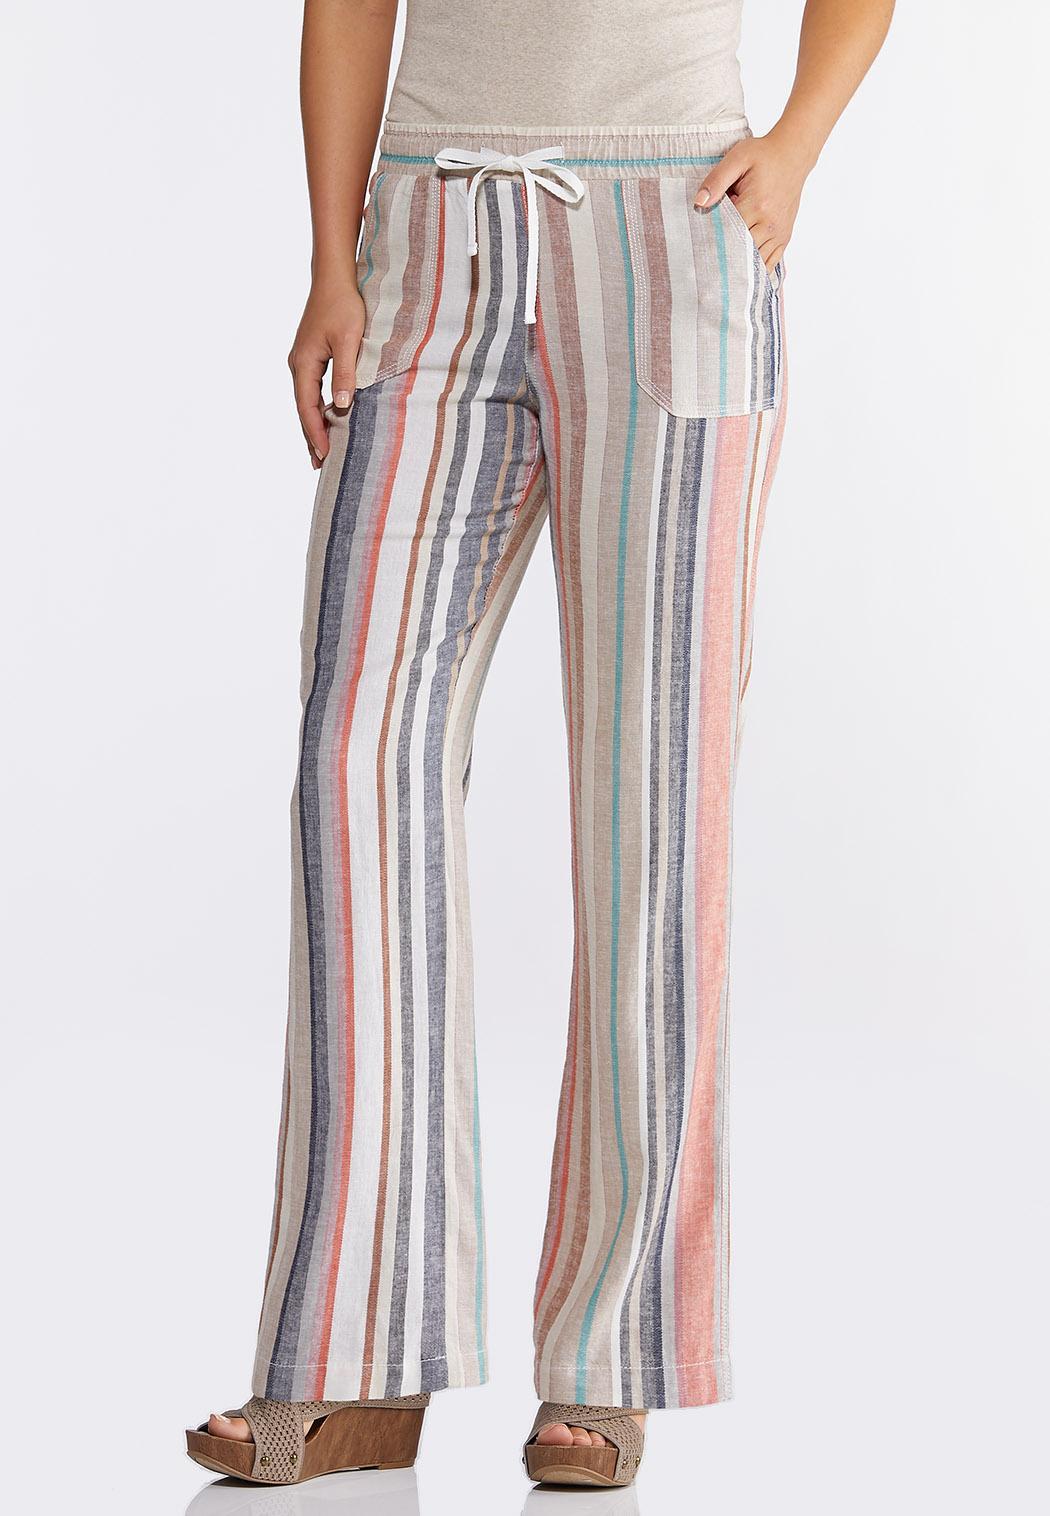 Striped Linen Drawstring Pants